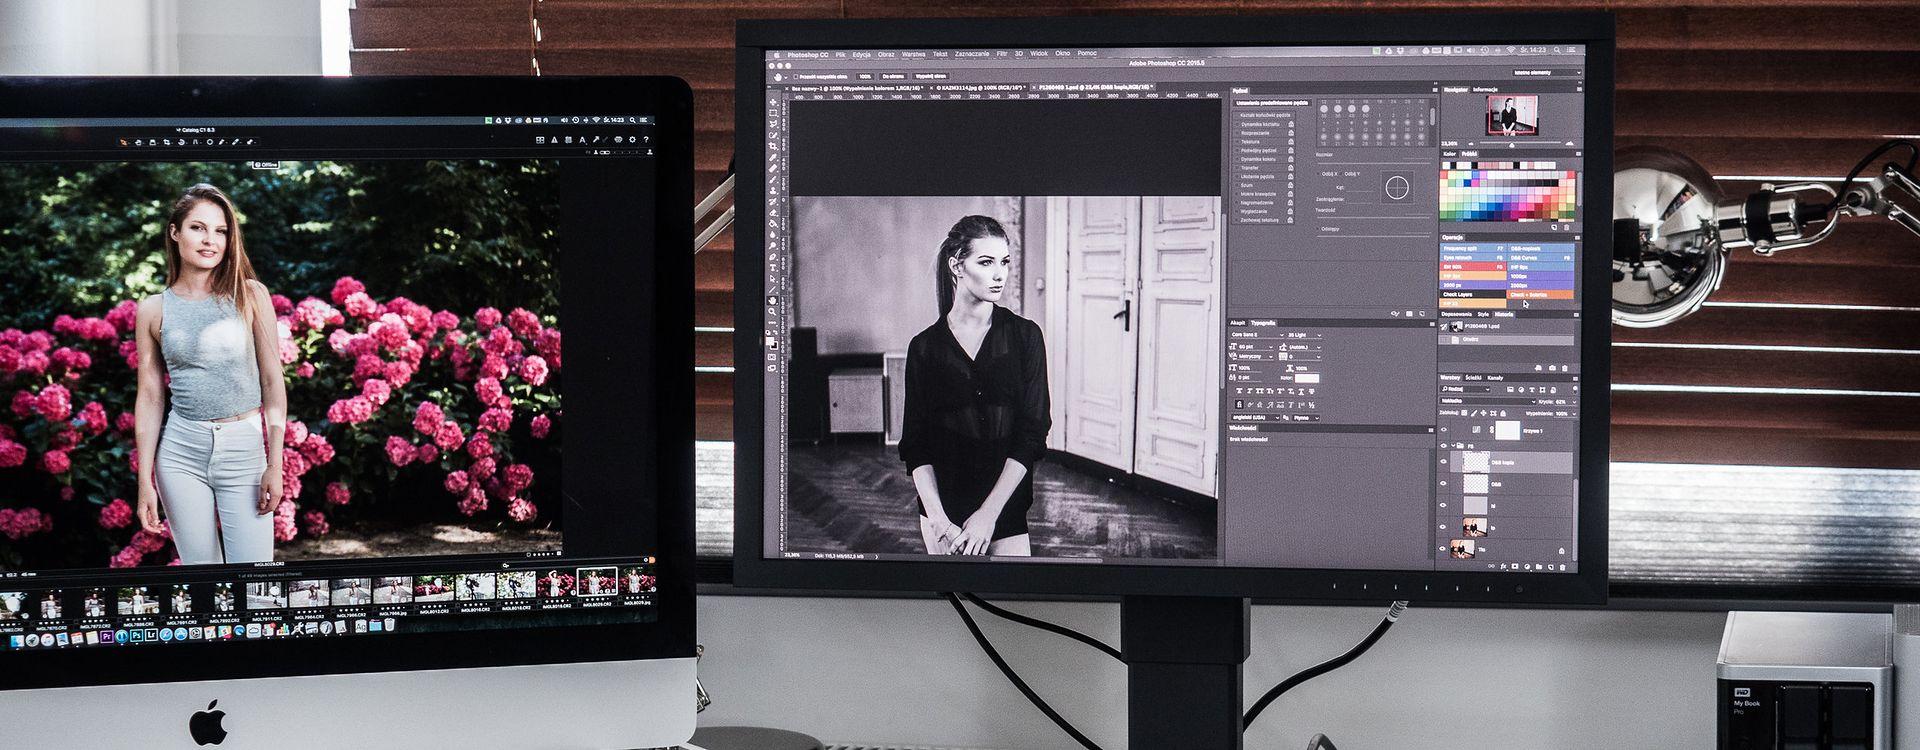 Eizo CS2420 - test monitora dla fotografów w rozsądnej cenie